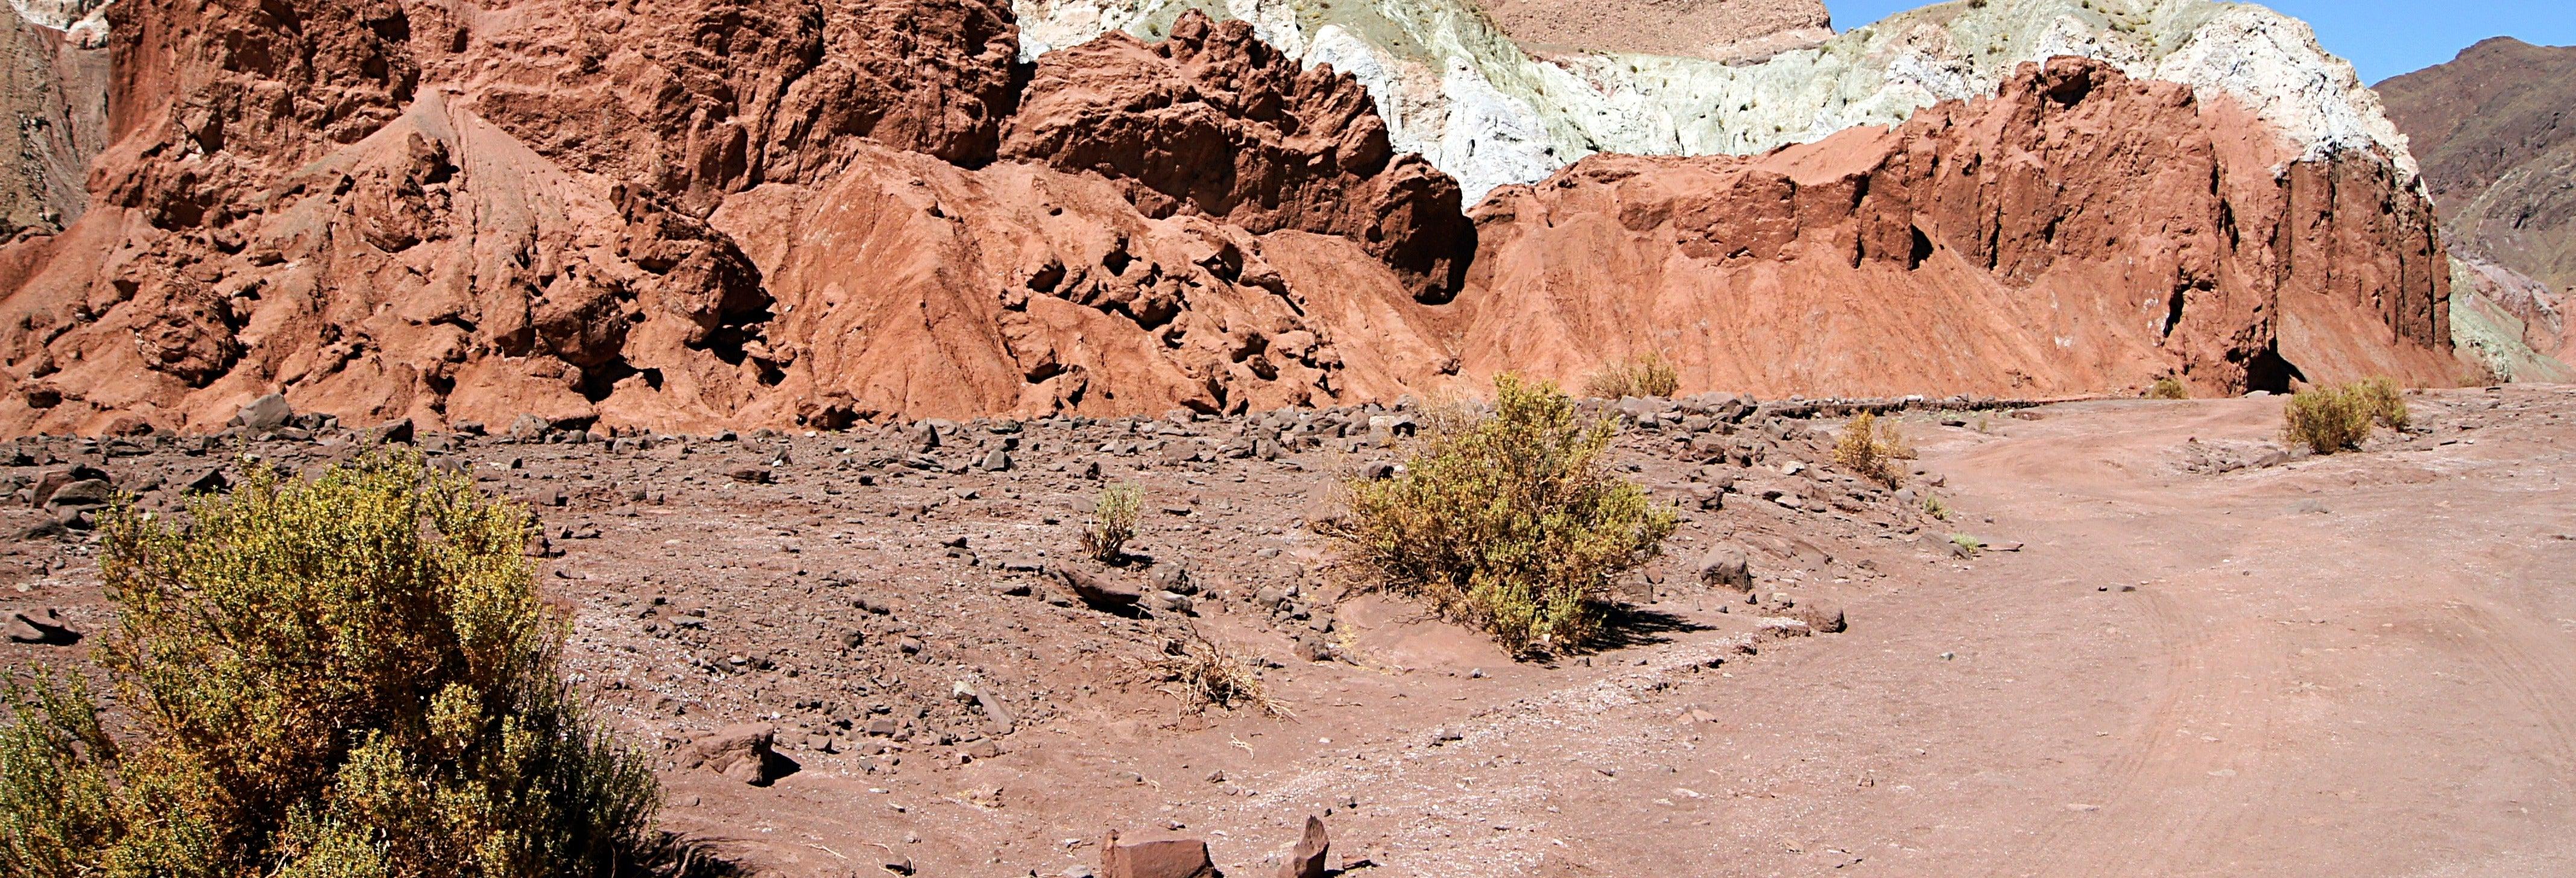 Excursión al valle del Arcoíris